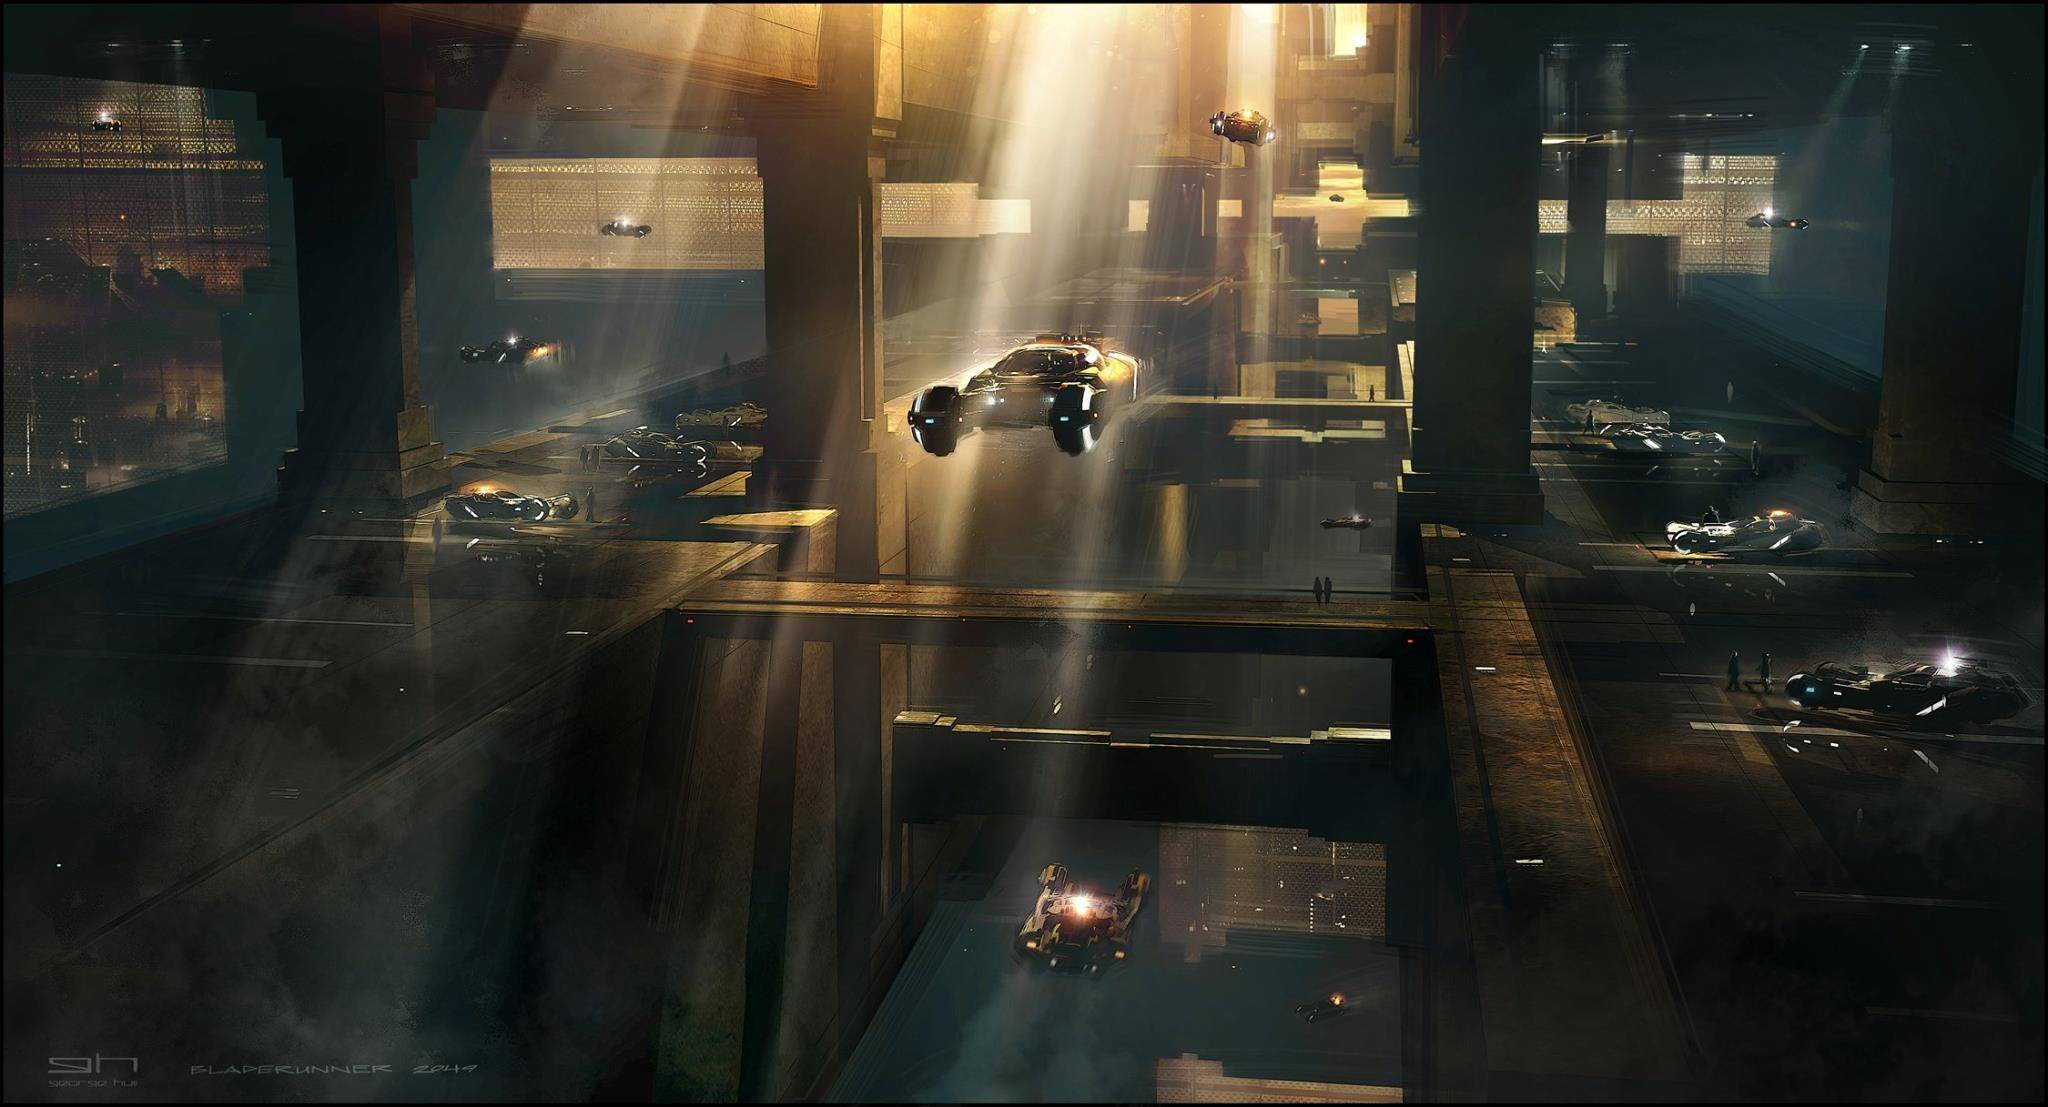 Виды киберпанка: стильные концепт-арты к фильму «Бегущий по лезвию 2049» 30